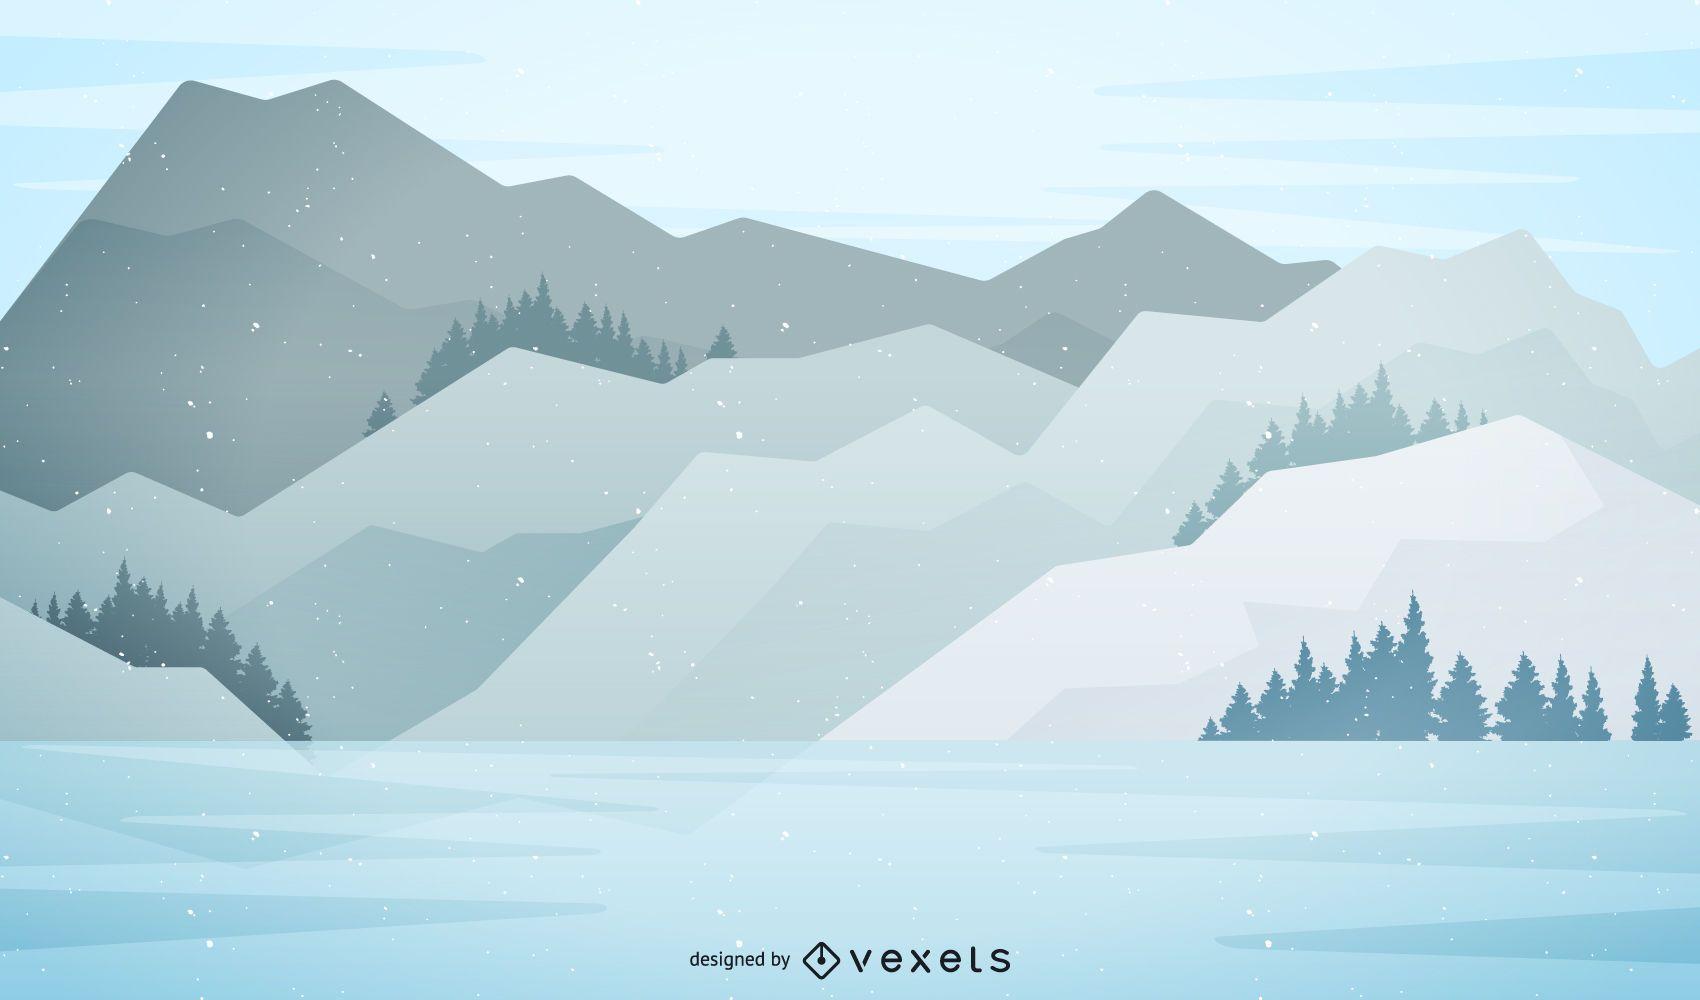 Ilustraci?n de paisaje de monta?a nevada